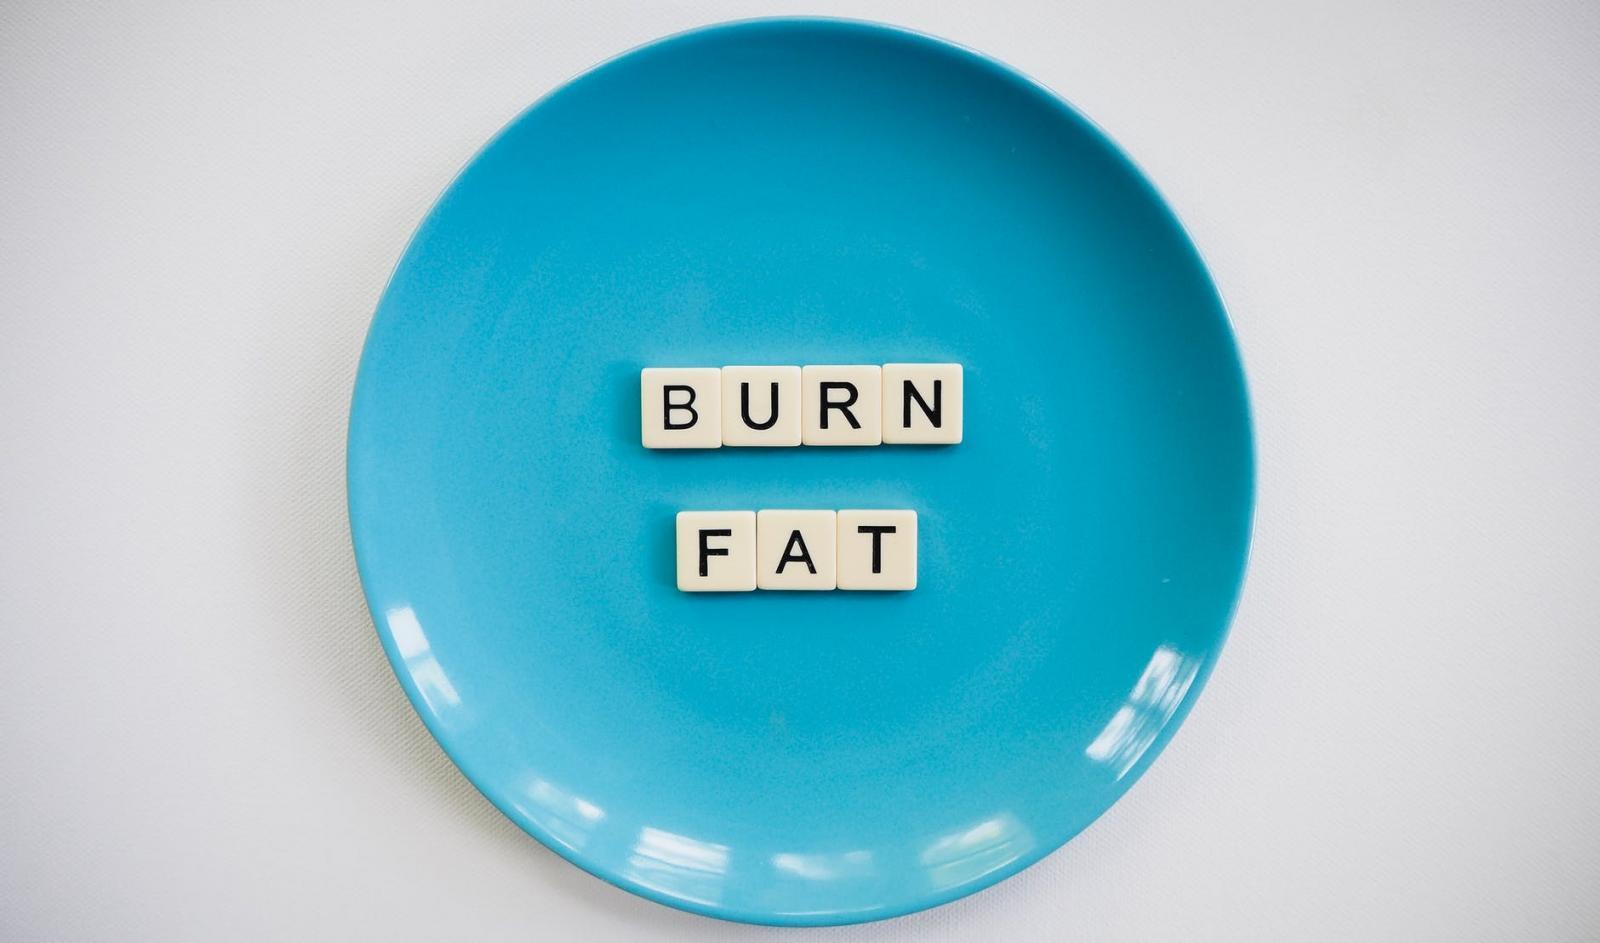 吃麥當勞會瘦?美國論壇爆紅「速食減肥餐」,百斤美女實測,結果出乎你意料之外-6